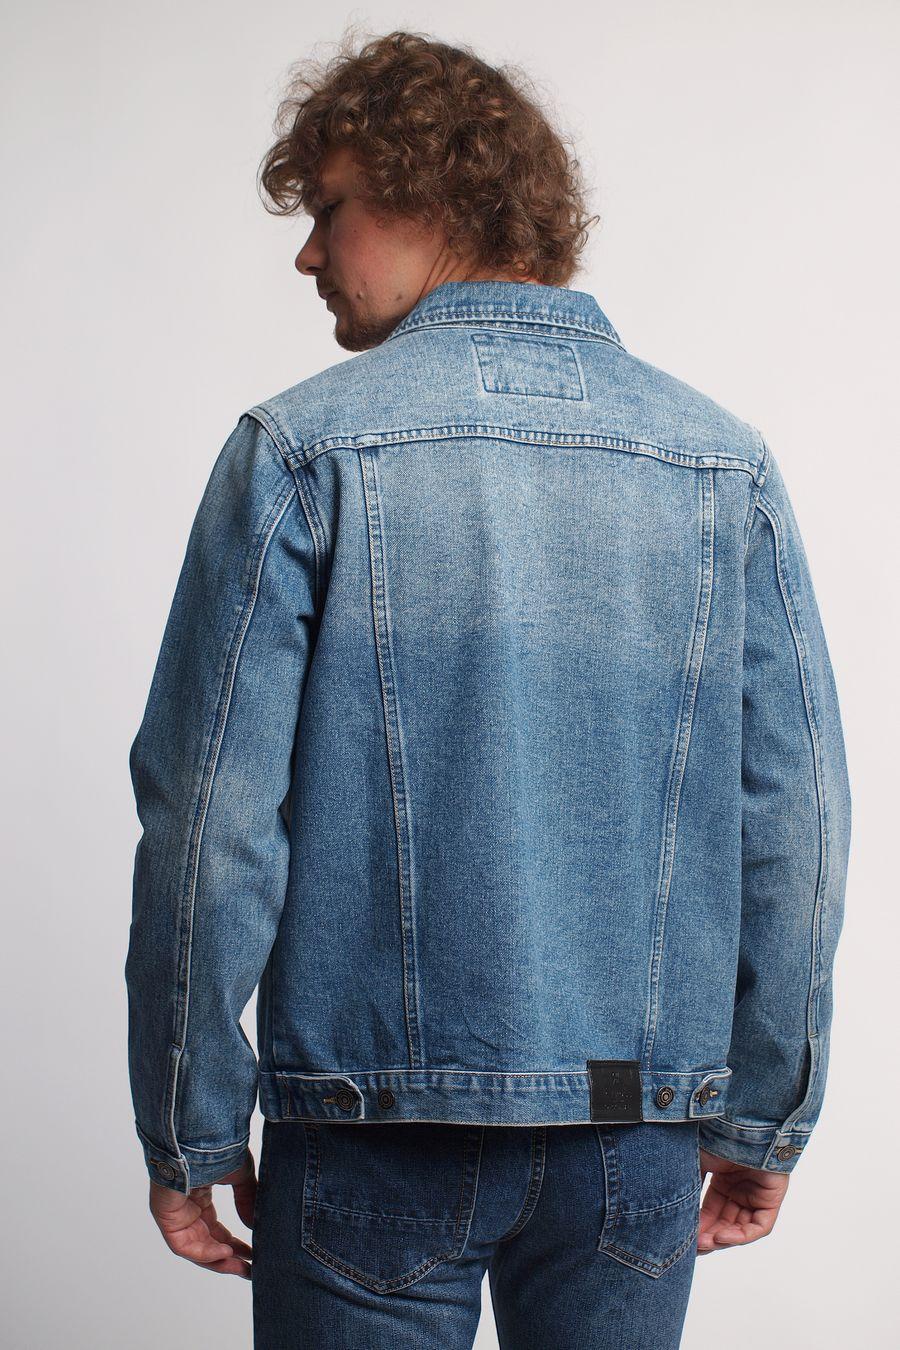 Пиджак мужской (джинсовка) R.KROOS 1017 - фото 2